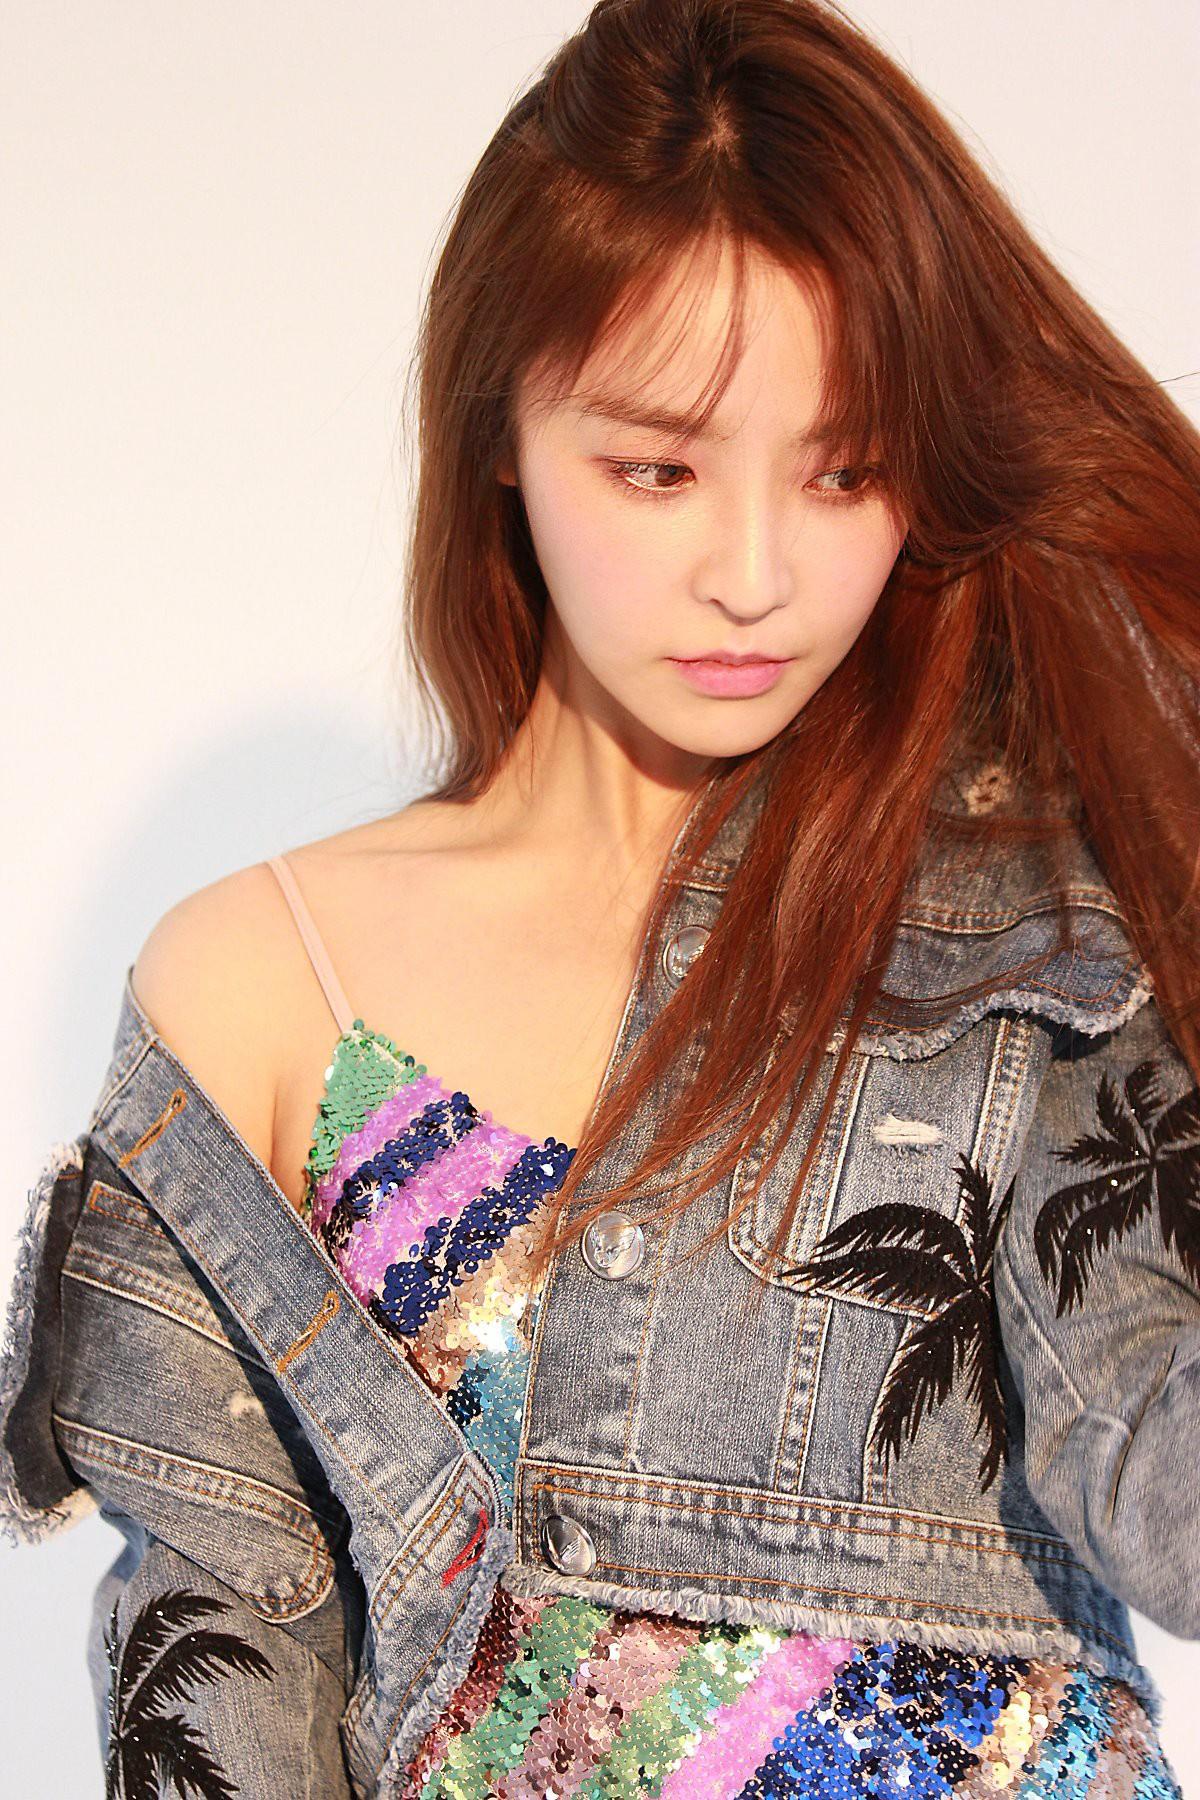 Hội bạn gái tin đồn đẹp như tiên làm gì, phản ứng ra sao giữa tâm bão bê bối chấn động của Seungri, Jung Joon Young? - Ảnh 4.